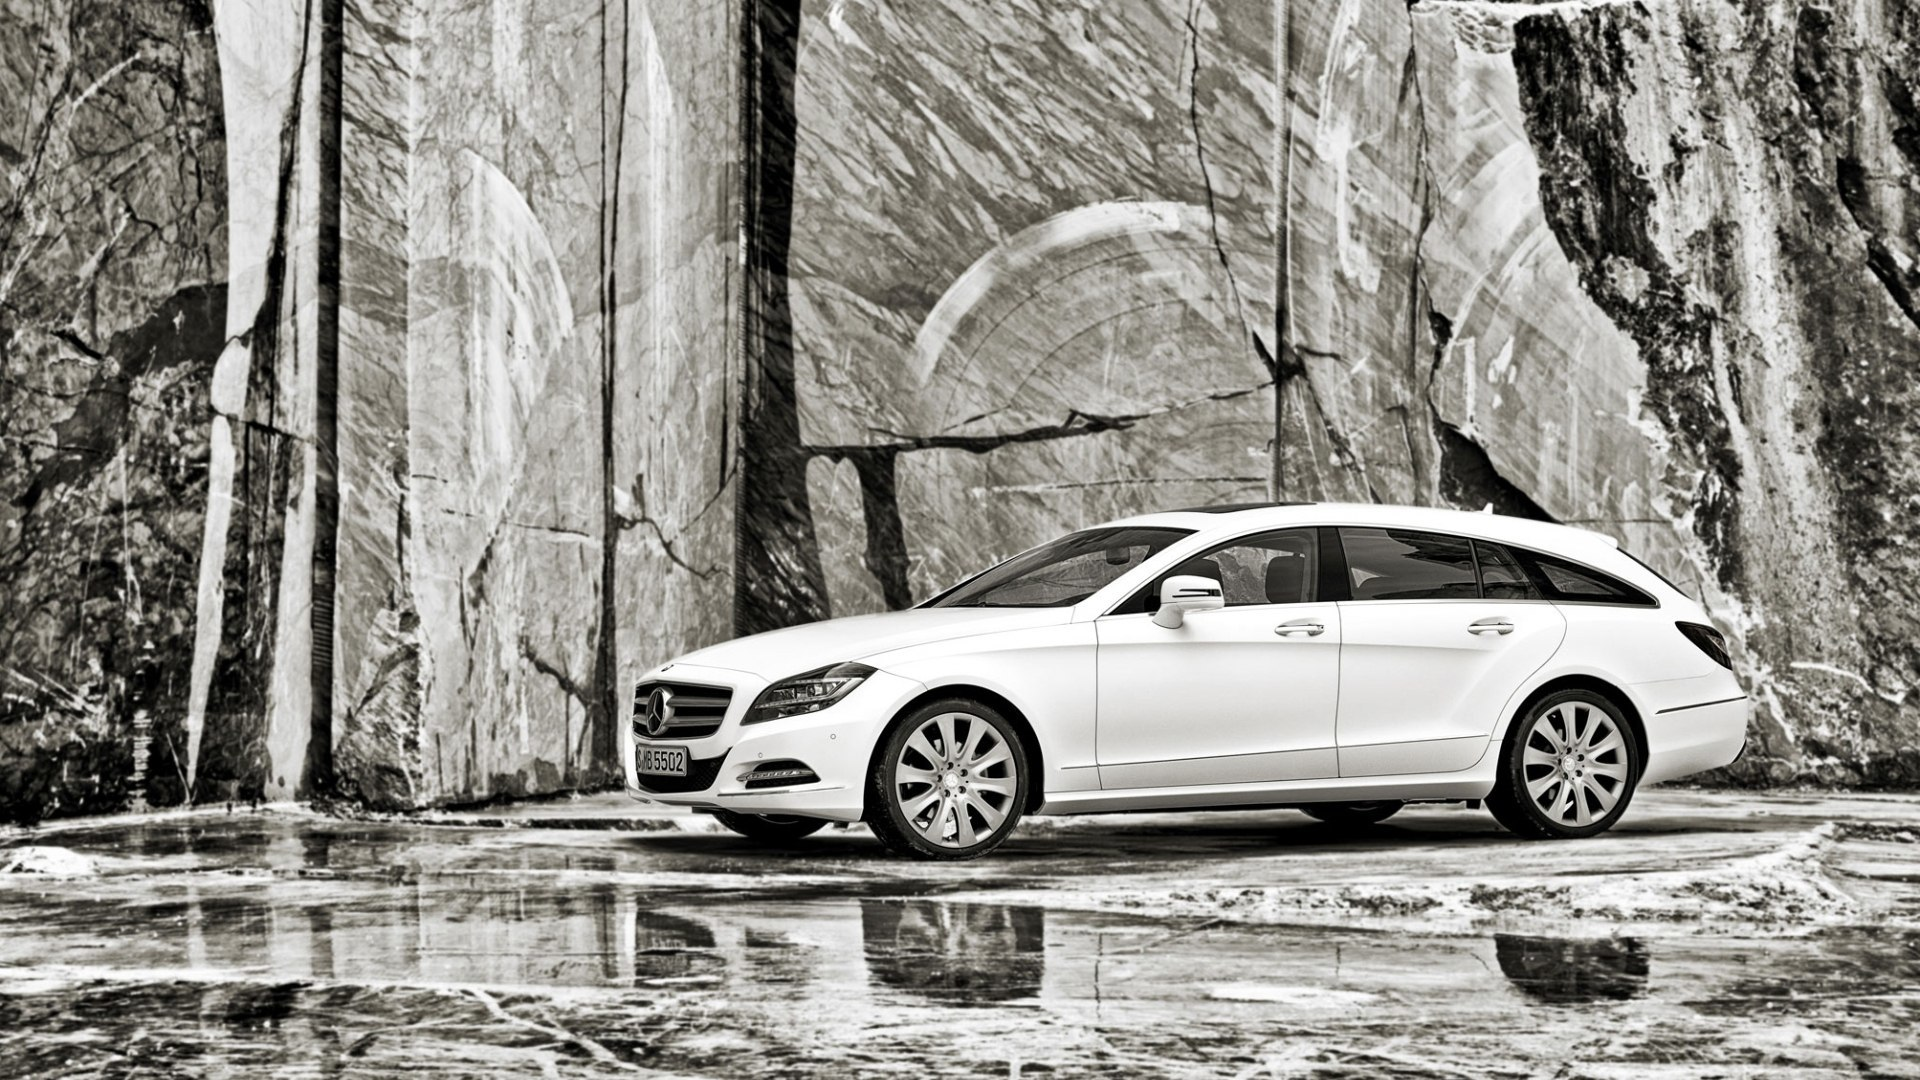 43814 скачать обои Транспорт, Машины, Мерседес (Mercedes) - заставки и картинки бесплатно